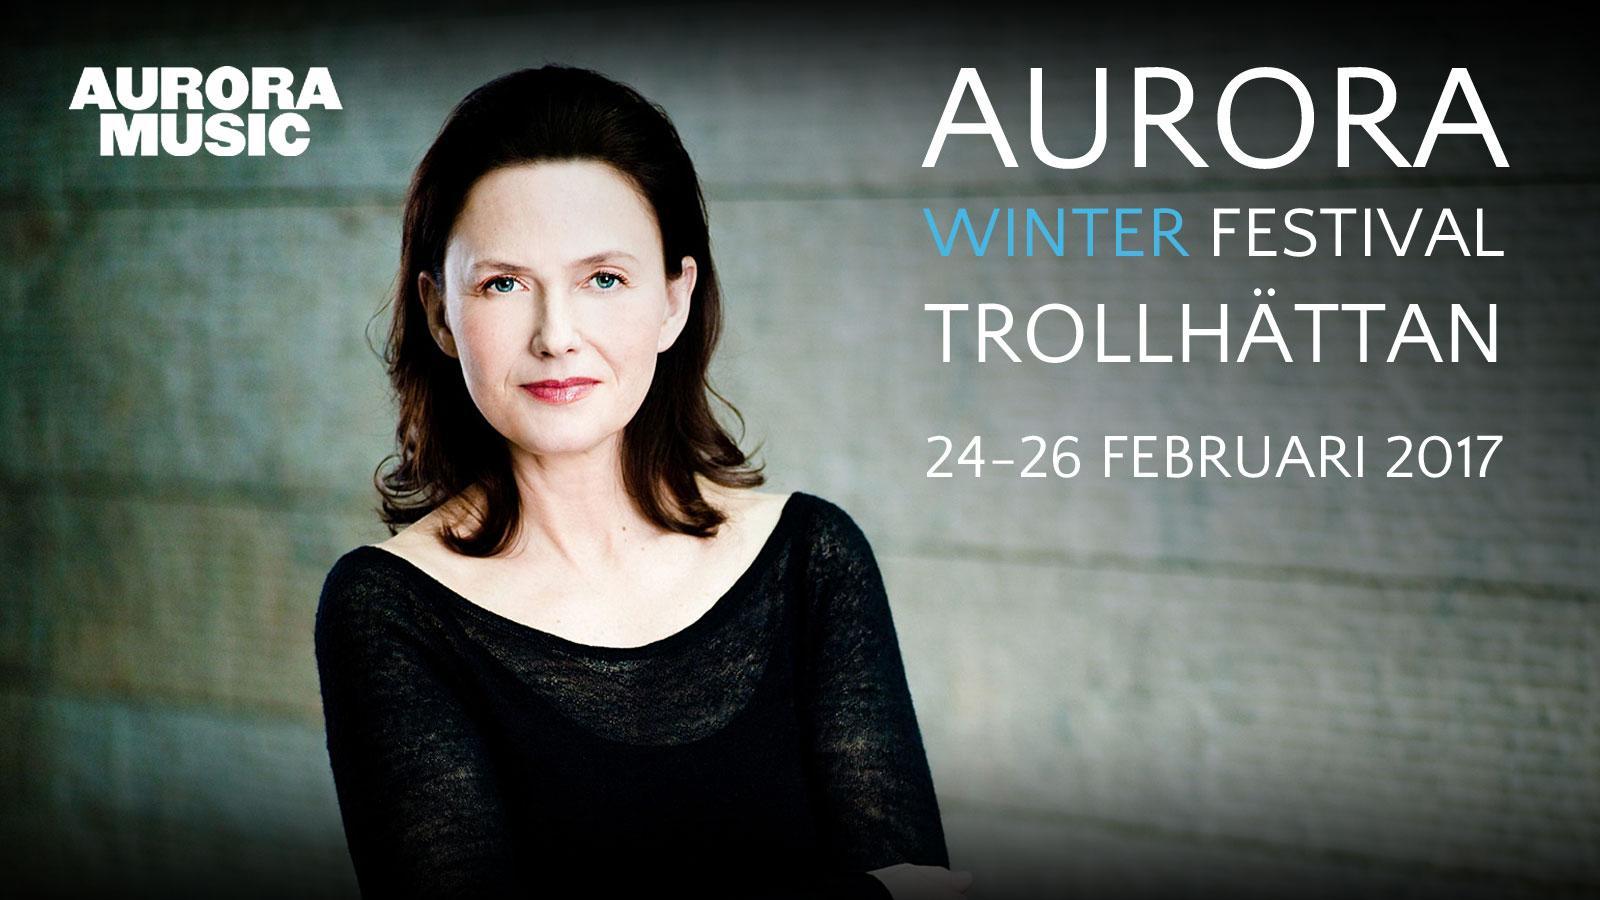 Aurora Winter Festival 2017